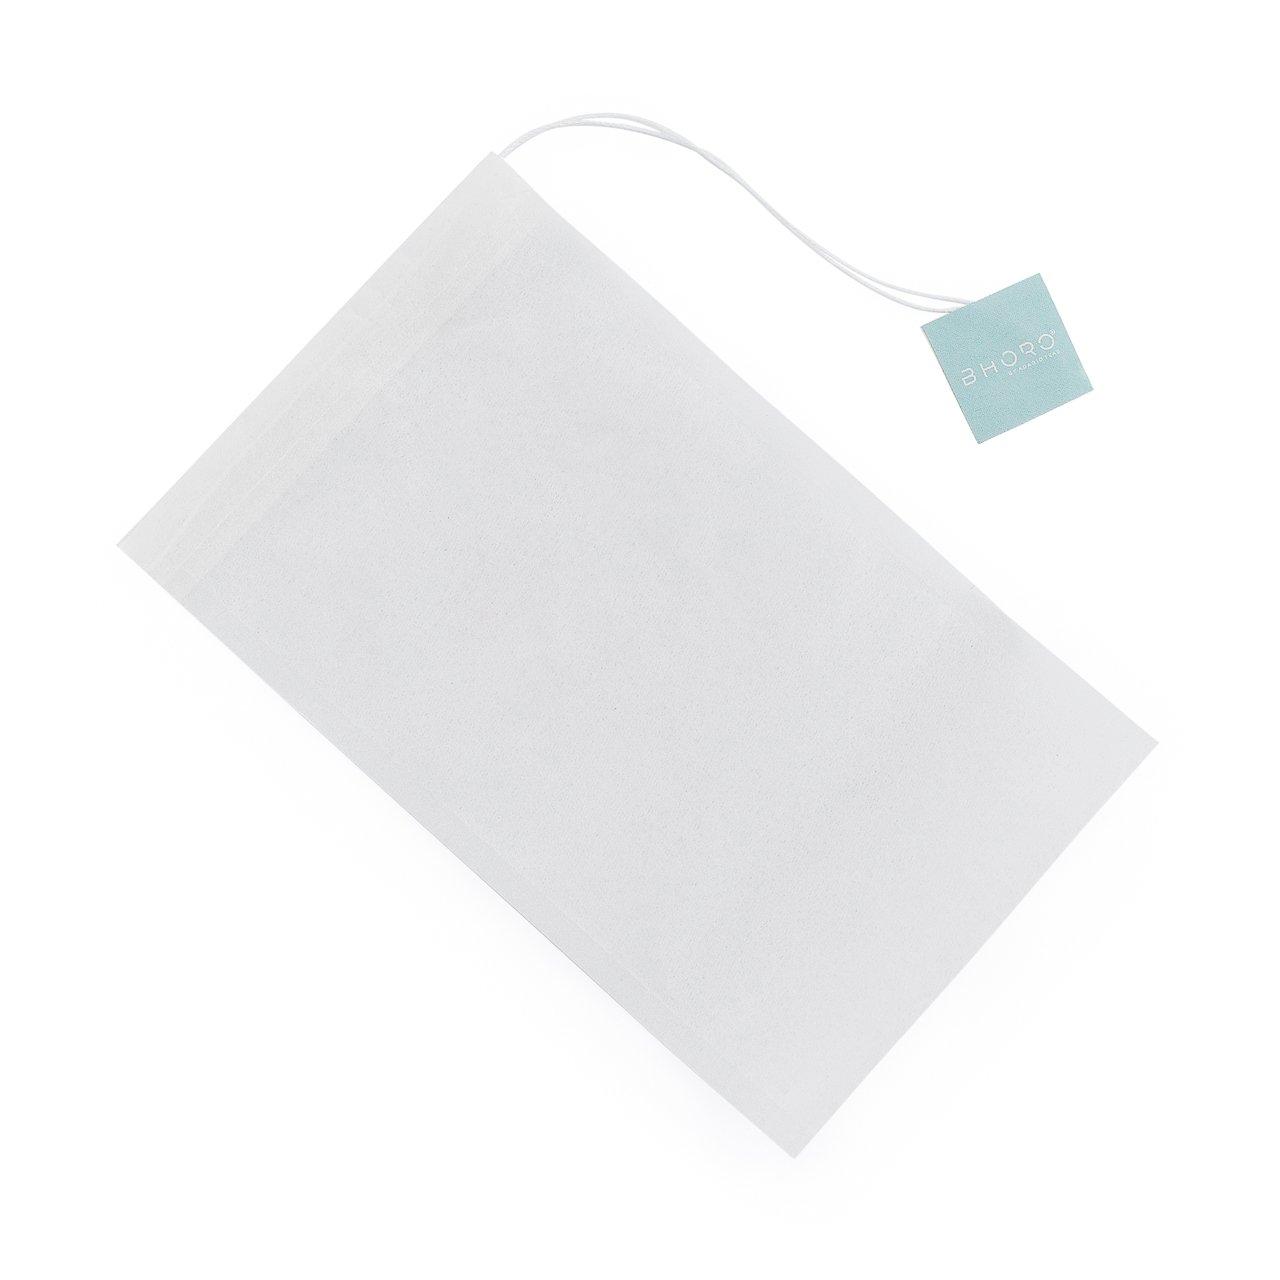 Filtros de papel Bhoro